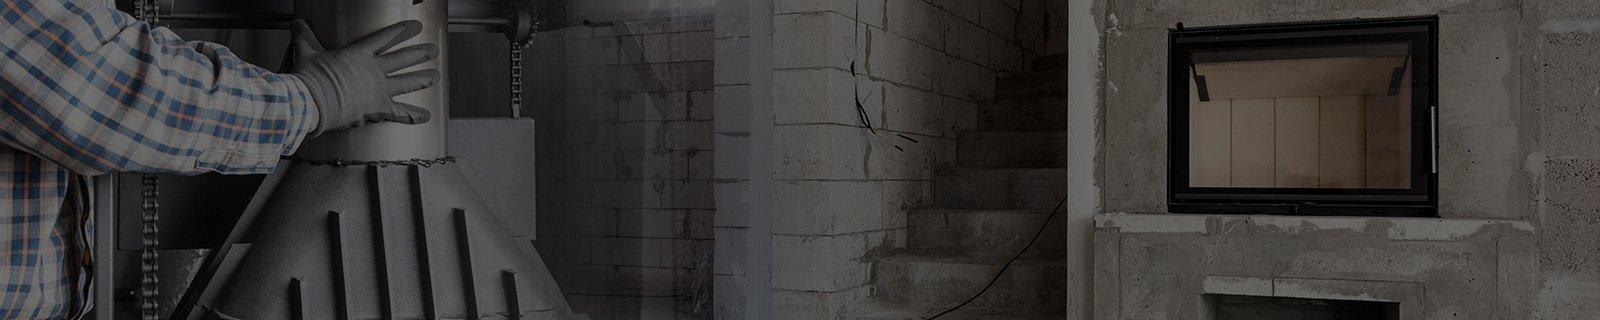 Проектировка и монтаж каминов и печей - Kaminoff™